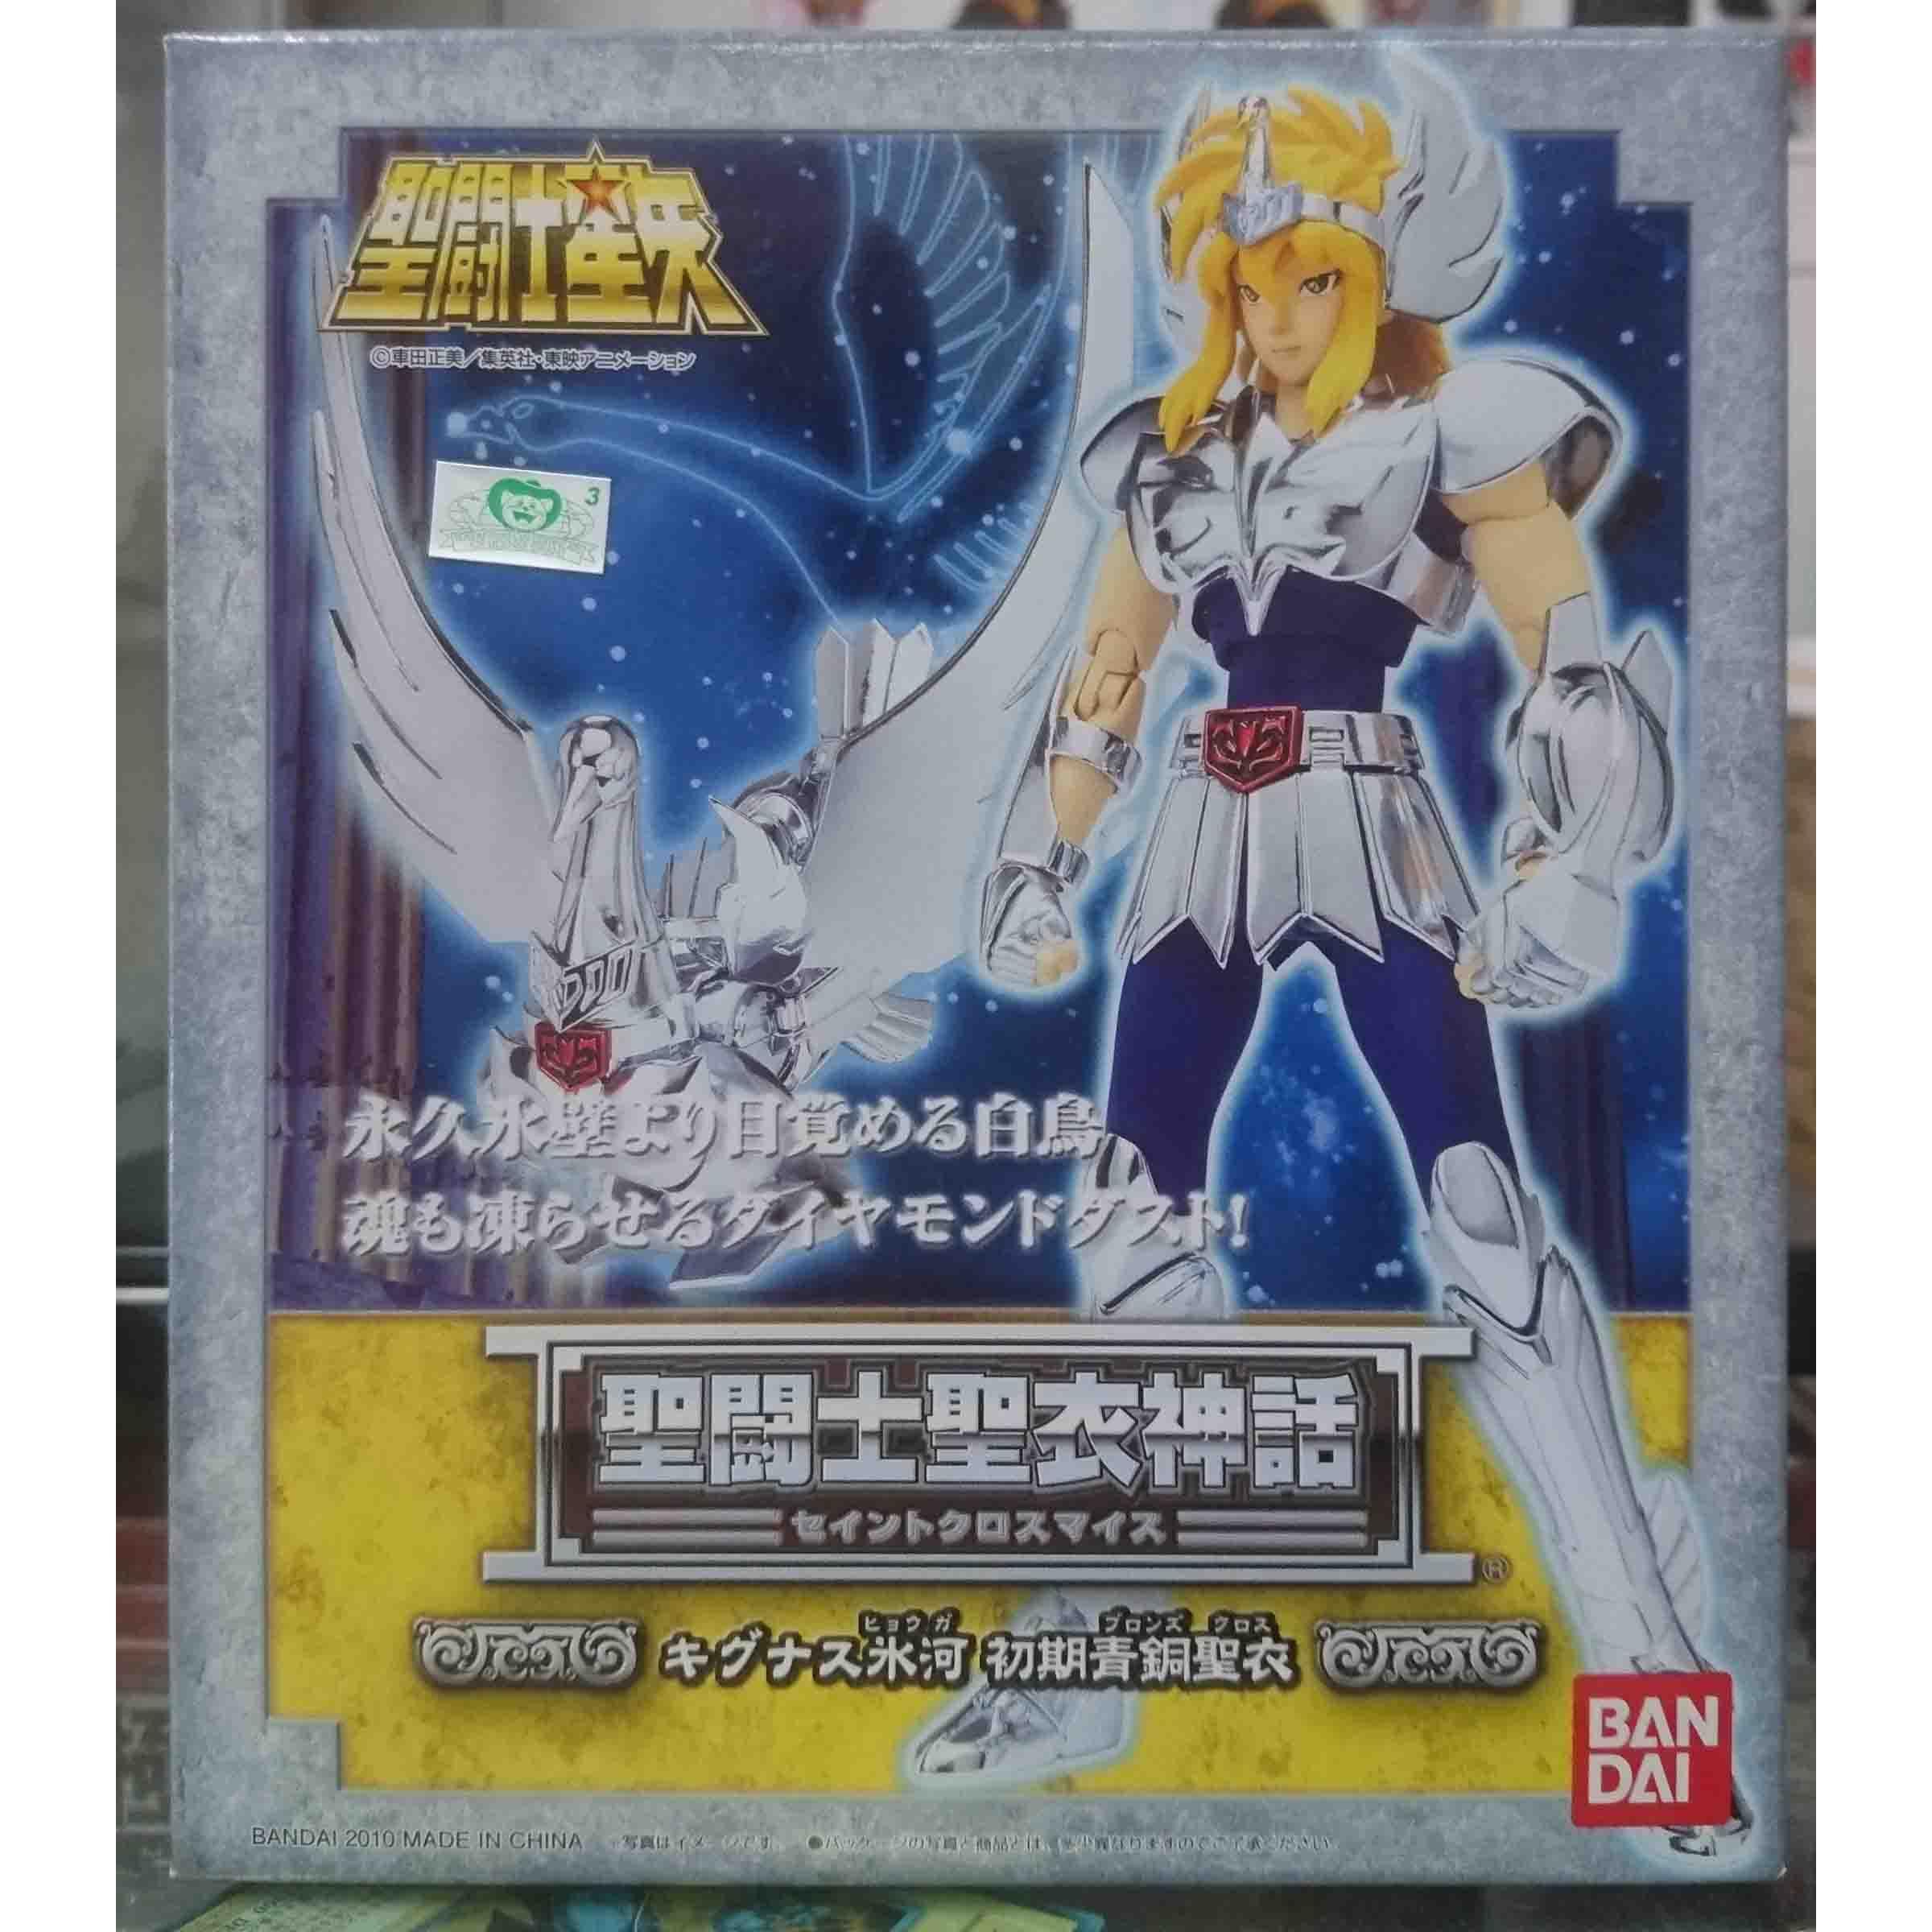 聖鬥士星矢 聖衣神話 白鳥座 初期青銅聖衣 冰河,益祥模型玩具 外盒實際拍攝照片。